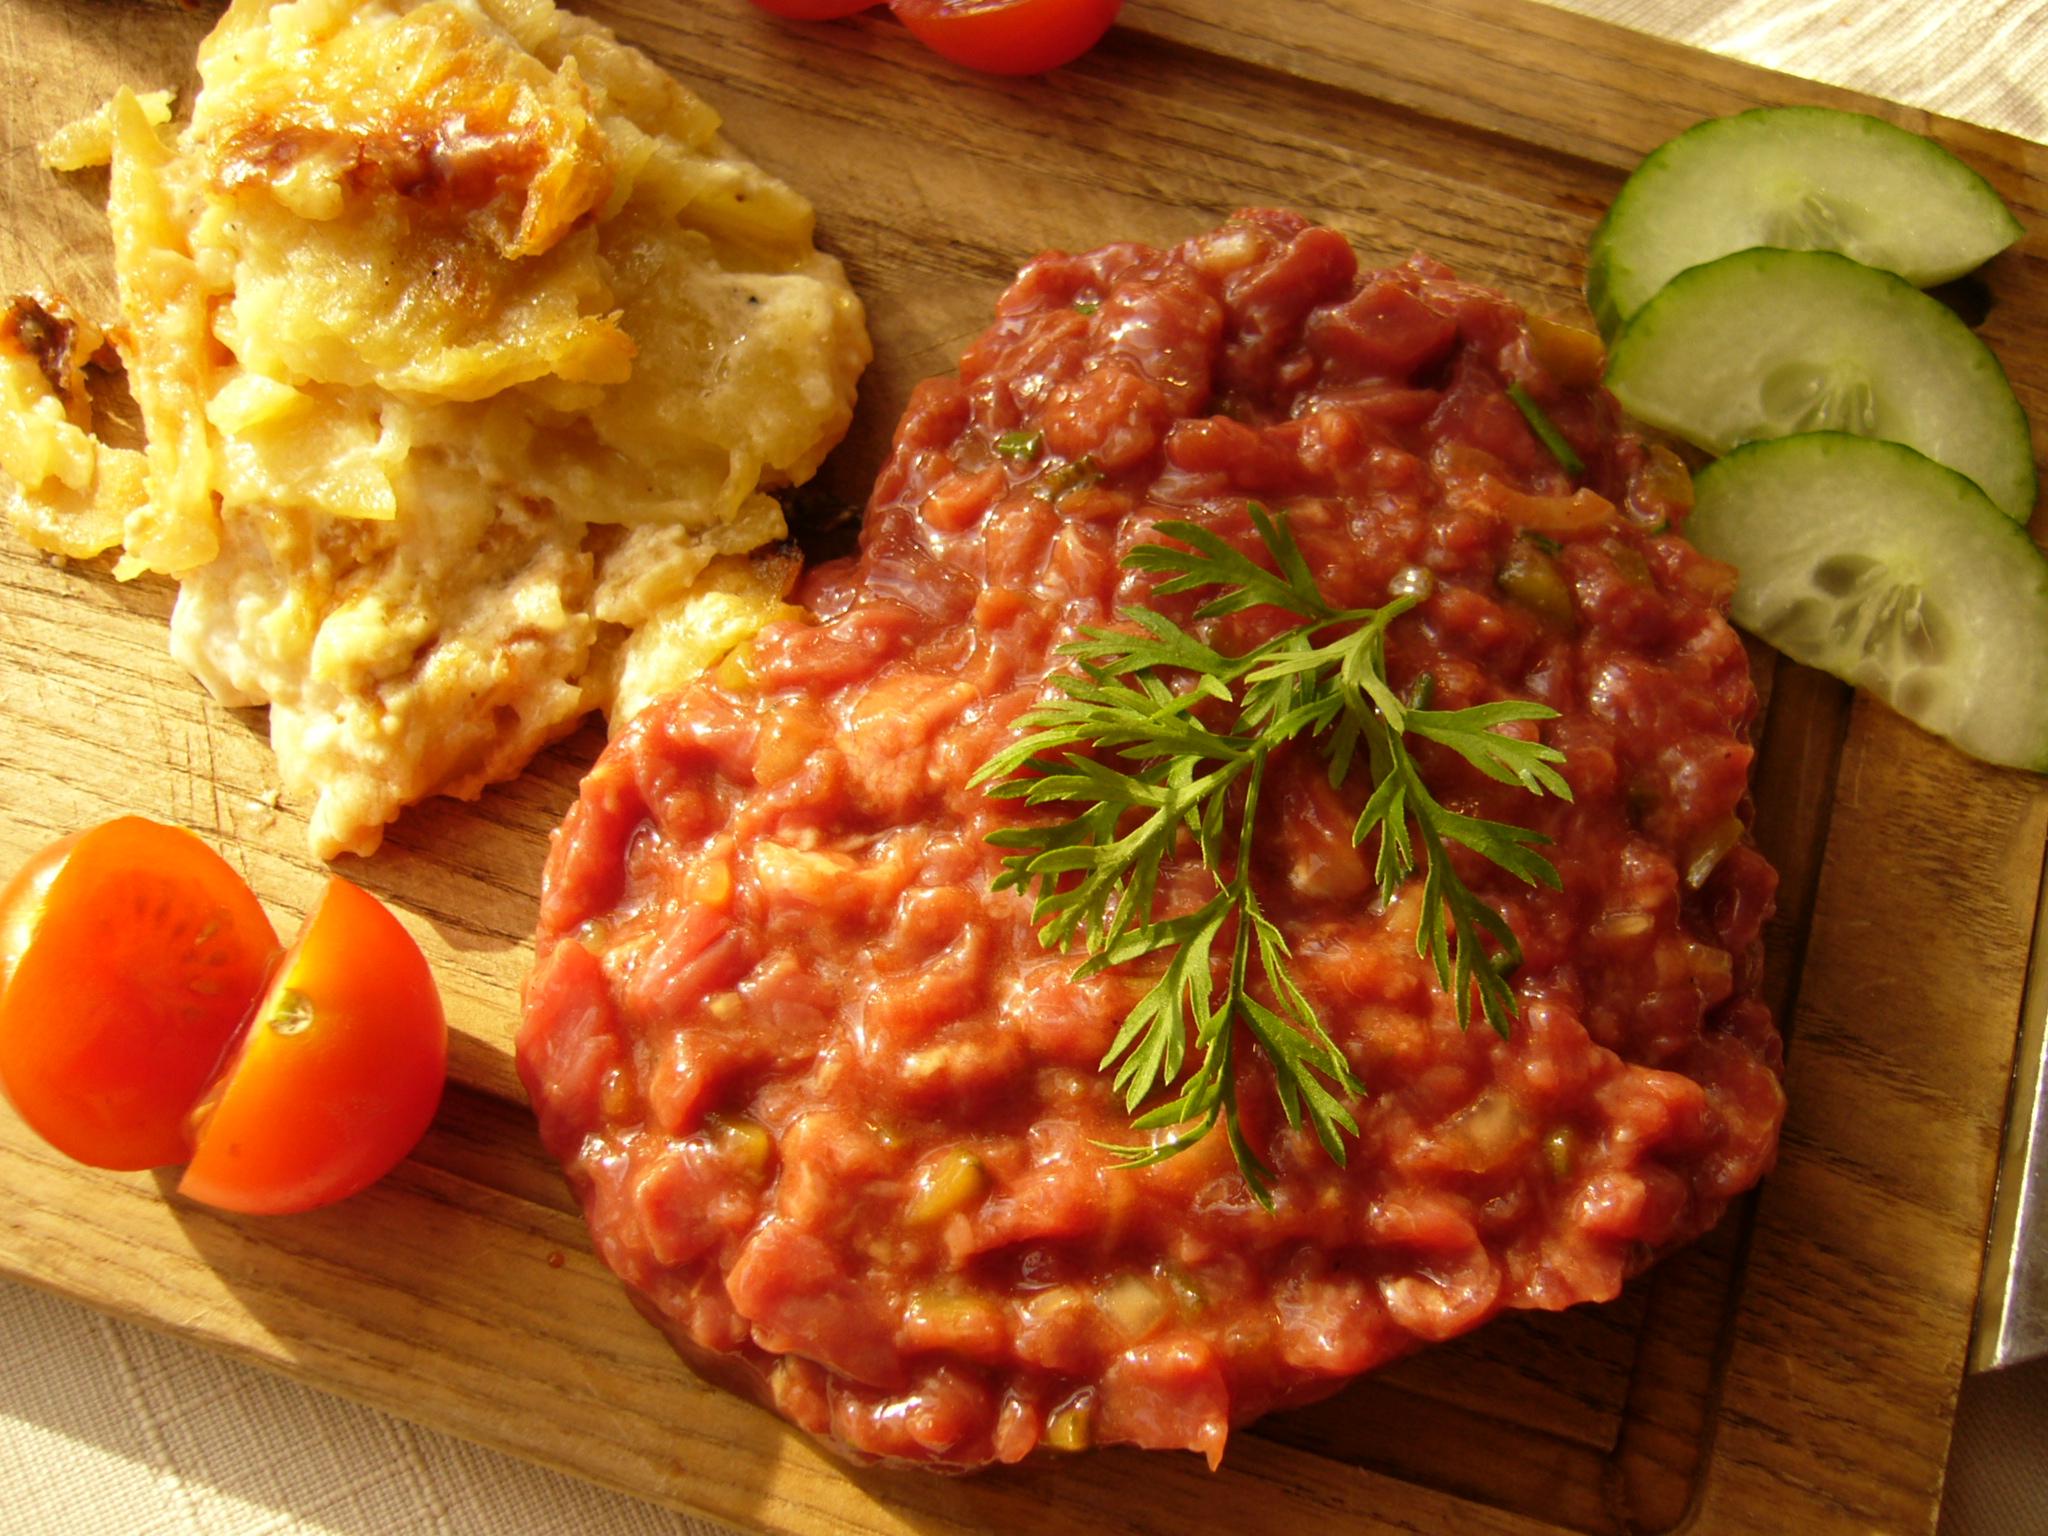 Tartare de boeuf food pinterest food - Tartare de boeuf cyril lignac ...